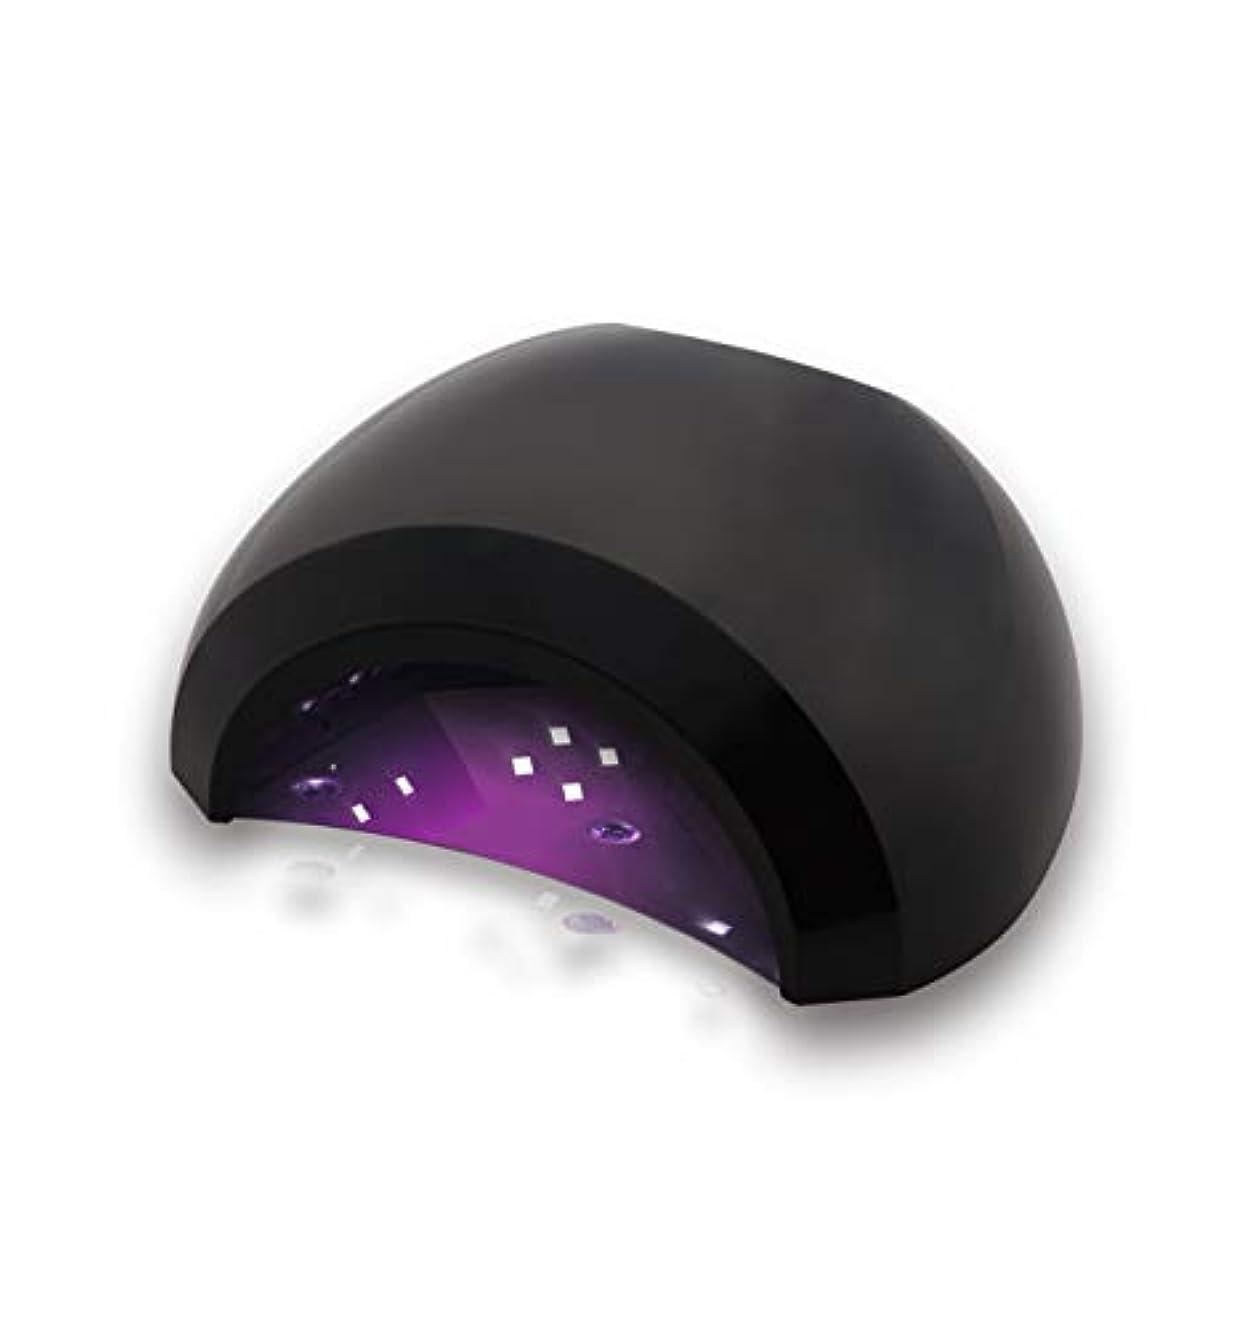 けがをする装置姓Aokitec UV LED ネイルドライヤー 48w高速硬化ネイルライト 人感センサーとタイマー付 時間メモリ 手足両用ネイルランプ 全ジェル対応 レジンにも使える 日本語説明書付【一年間保証】 …